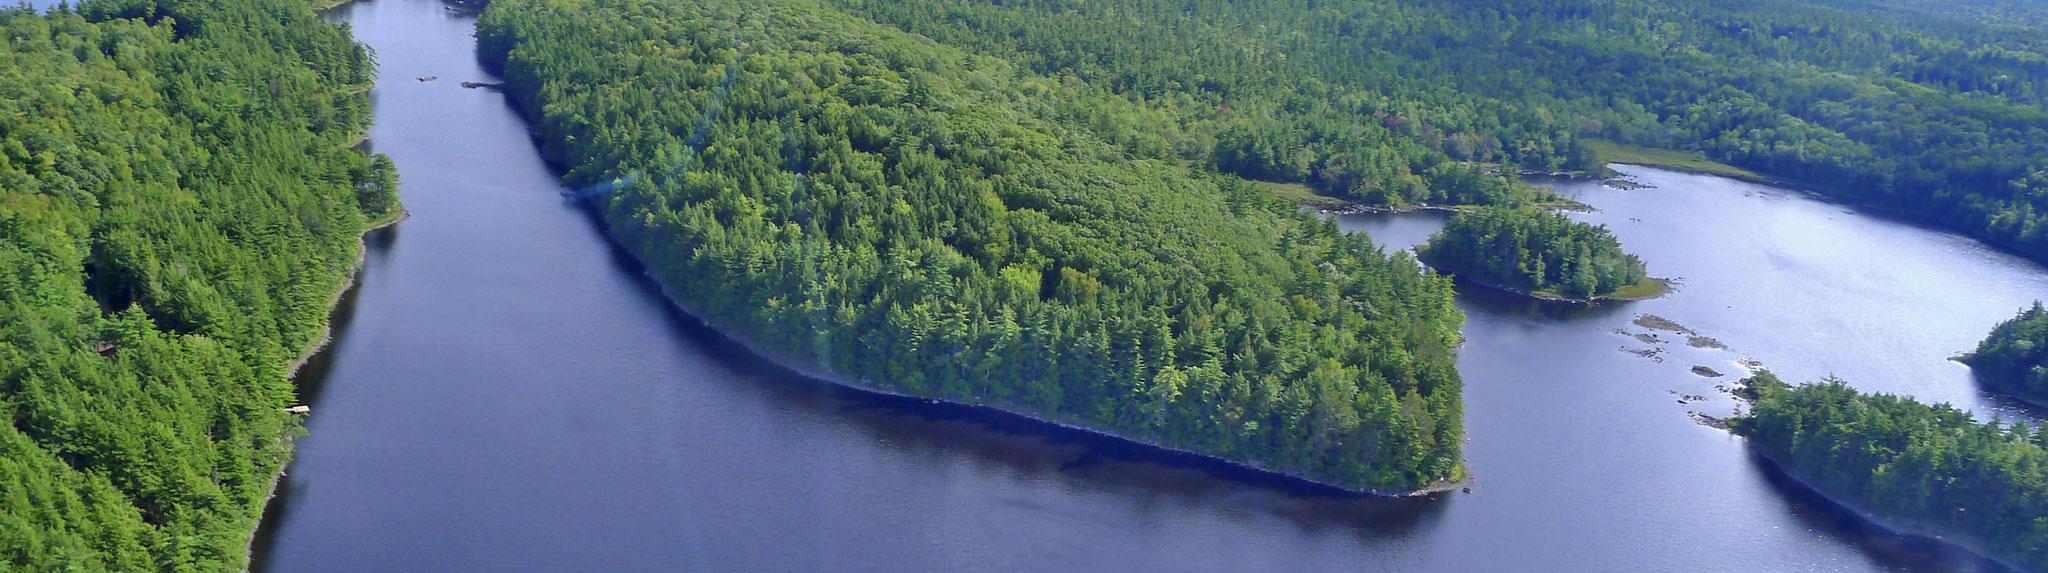 title:Ponhook Estate,title2:See-Grundstück,provinz:Nova Scotia,bezirk:Lunenburg,art:Ferienimmobilie,flaeche:104 ha,ufer:1.100 Meter,preis:299.000 €